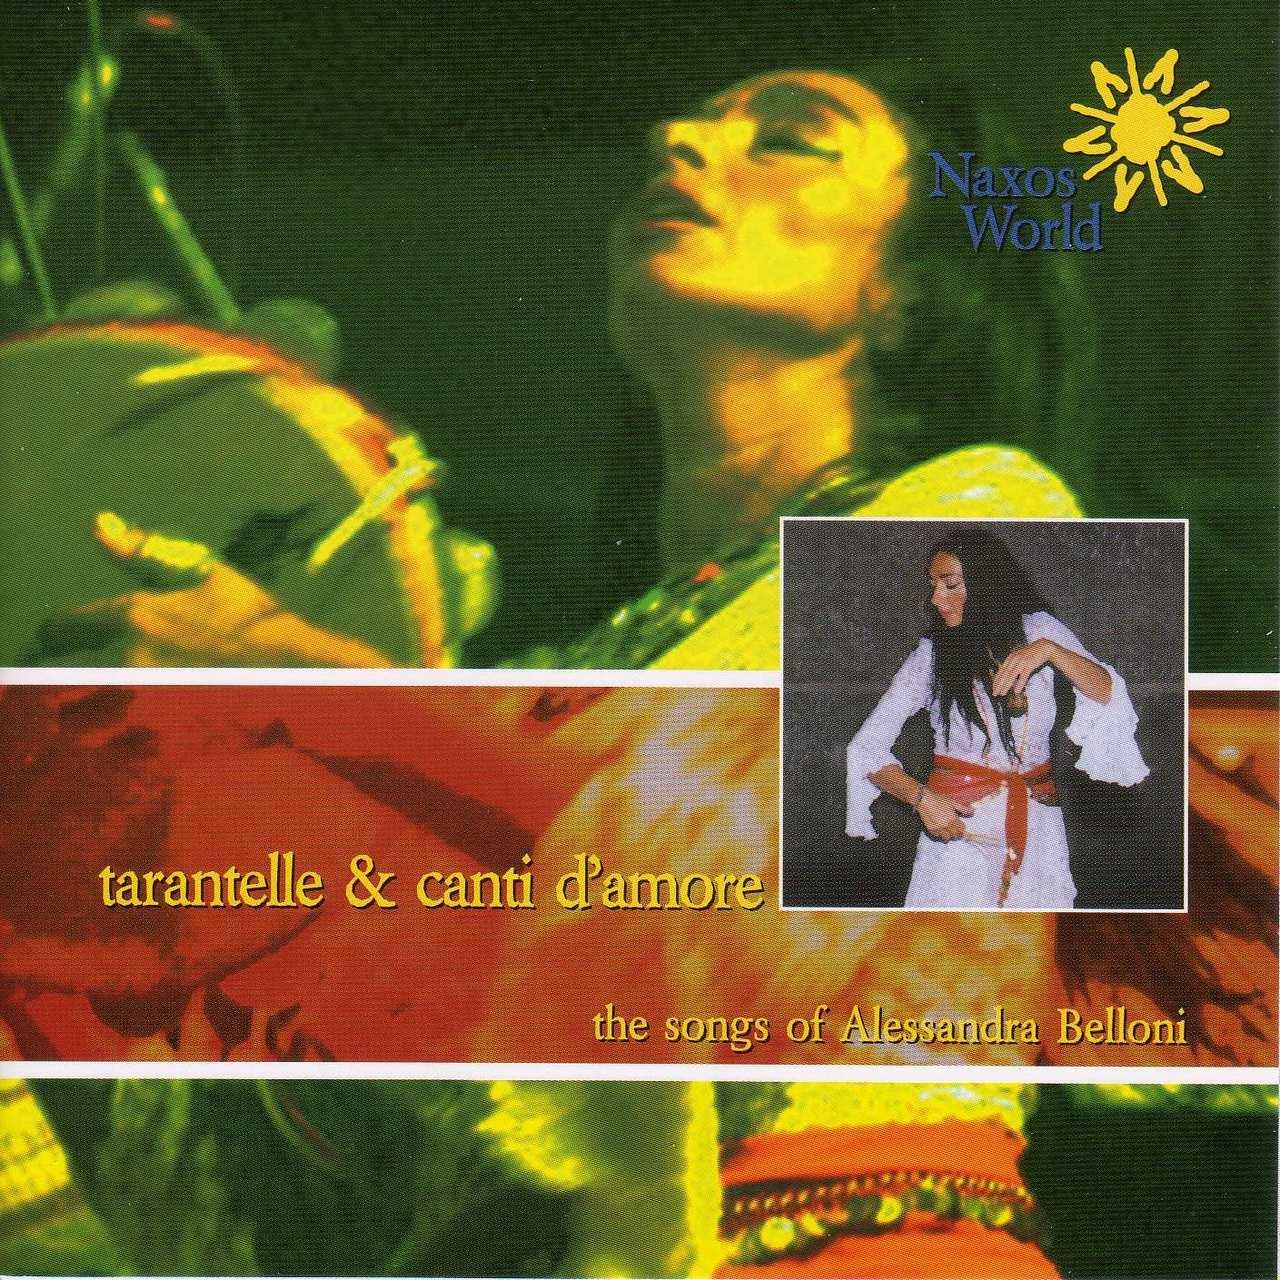 TARANTELLA & CANTI D'AMORI - THE SONGS OF ALESSANDRA BELLONI